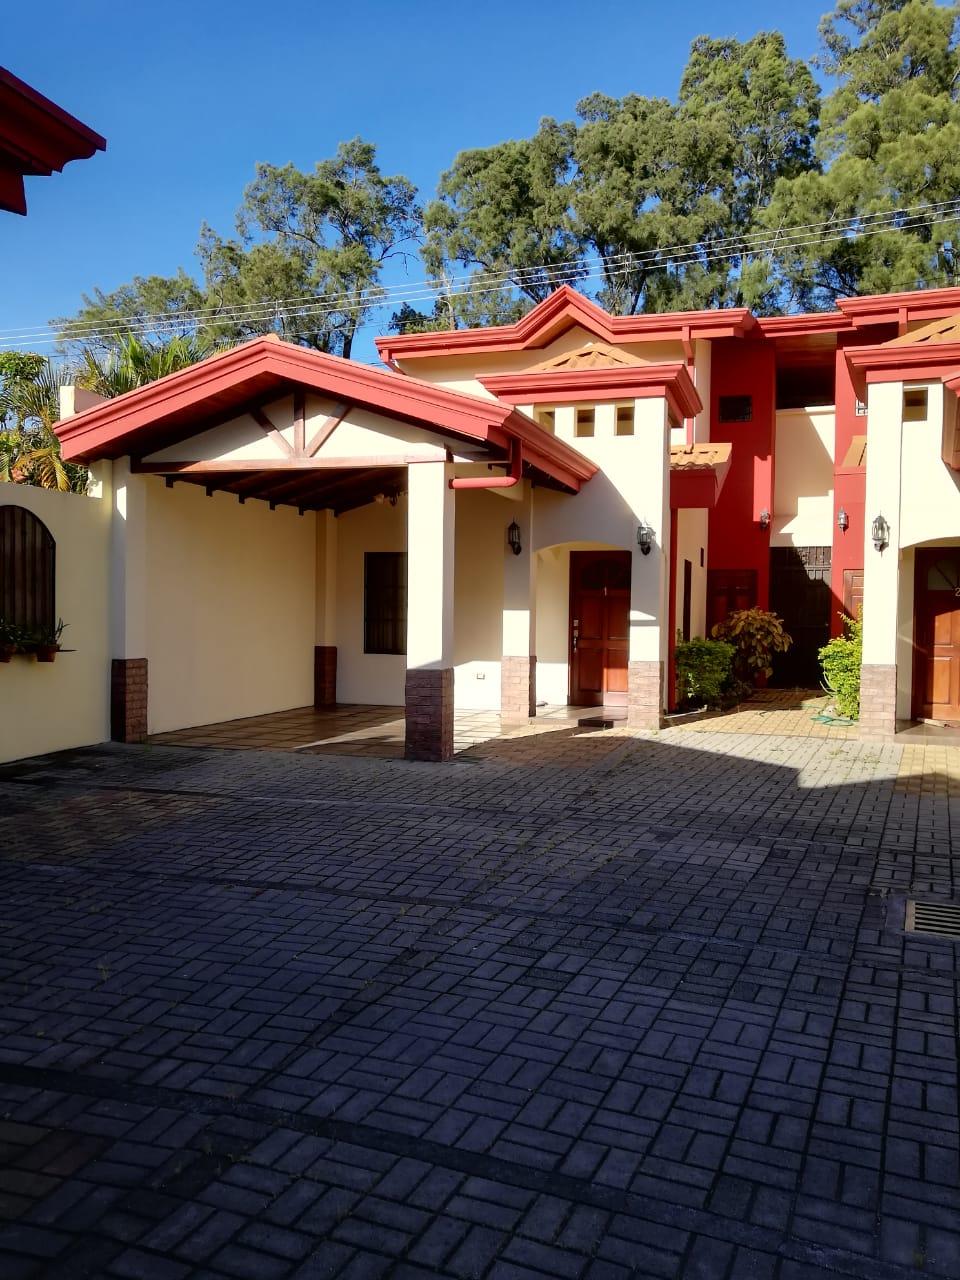 #2193 Alquiler de apartamento totalmente amueblado en Heredia